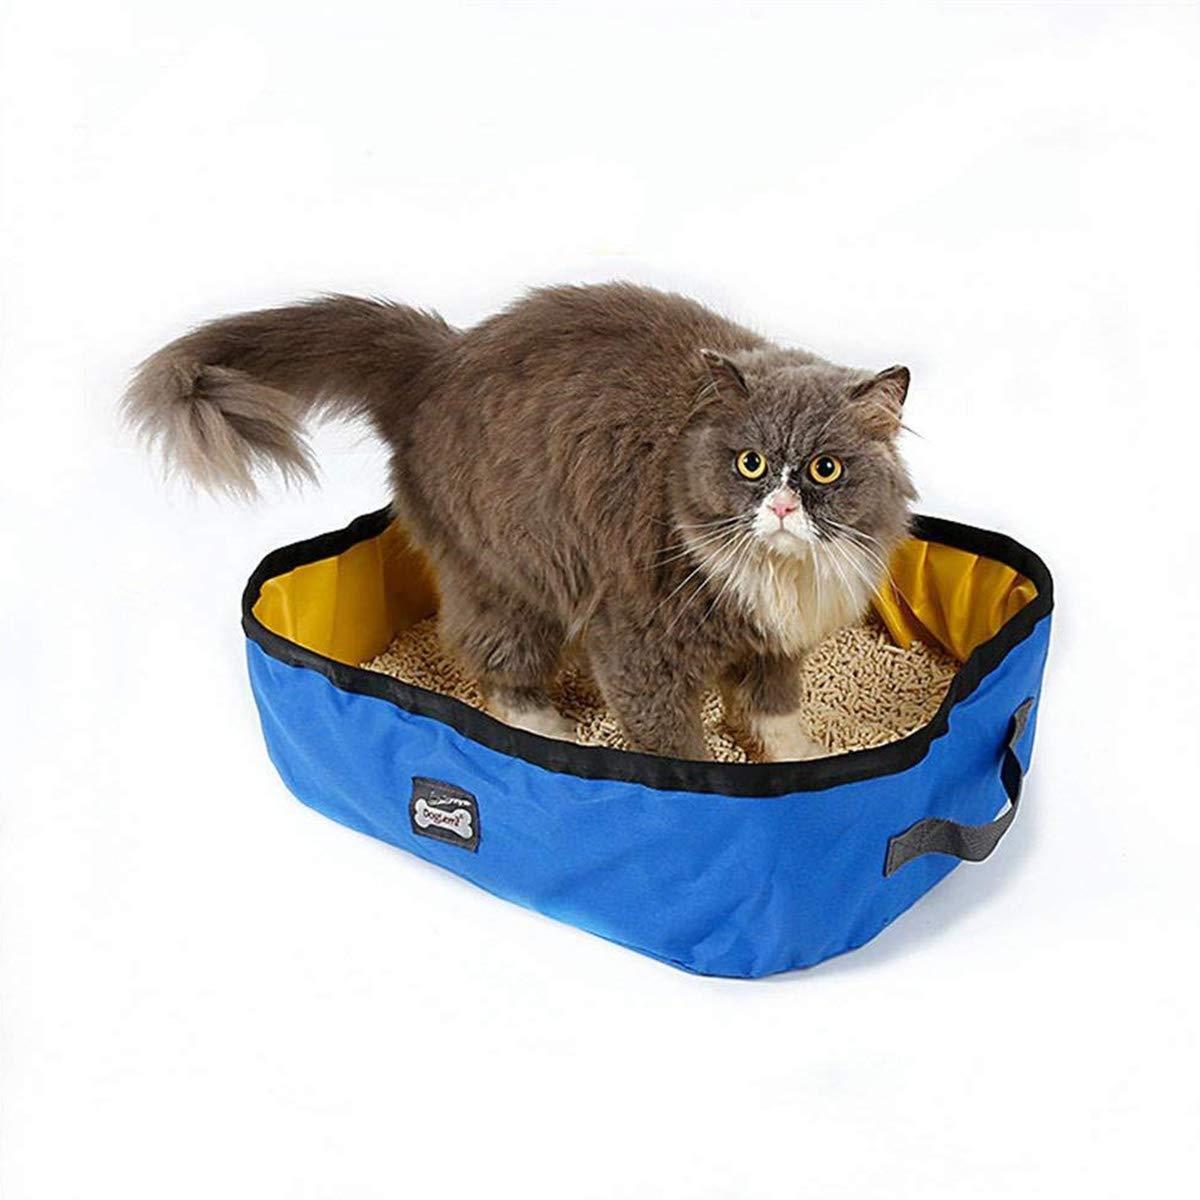 RCruning-EU Caja de Arena Plegable para Gatos Arenero Plegable y portátil para Gatos, Resistente al Agua, para Viajes, al Aire Libre 46 X 35 X 14cm: ...